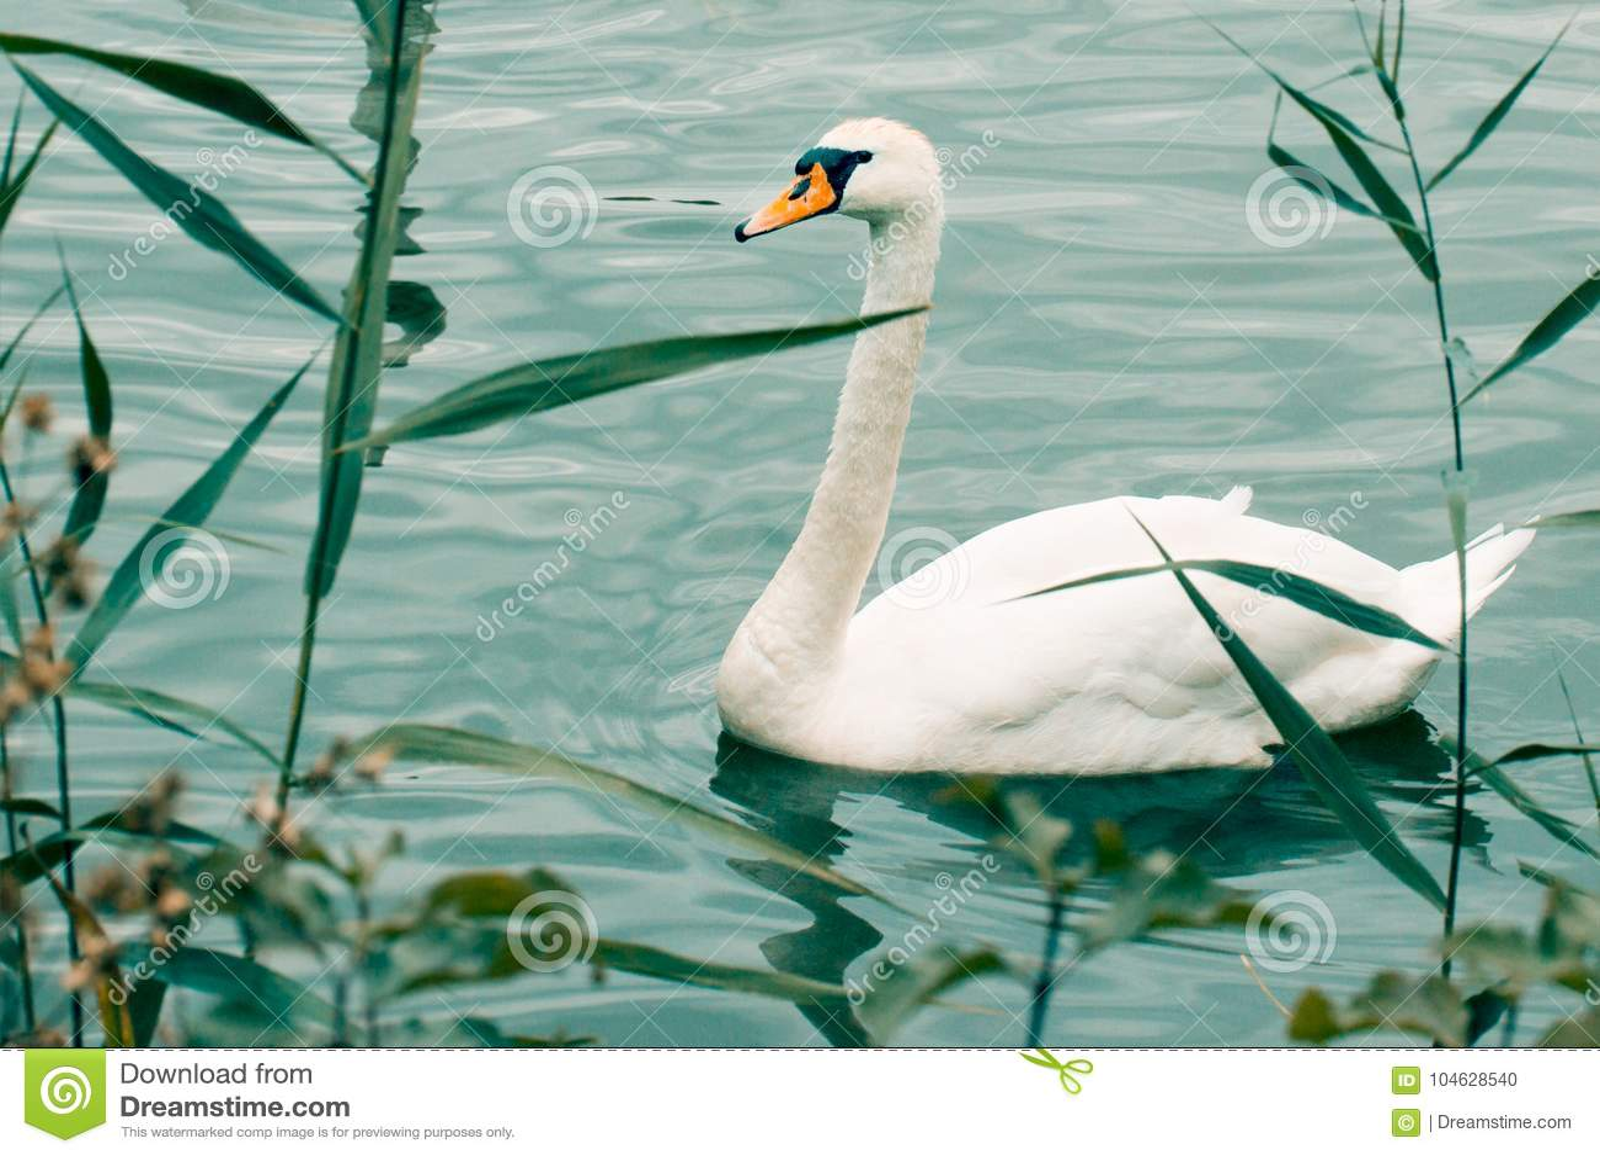 Download Heldere Witte Zwaan Op Blauw Water Stock Foto - Afbeelding bestaande uit nave, sinaasappel: 104628540